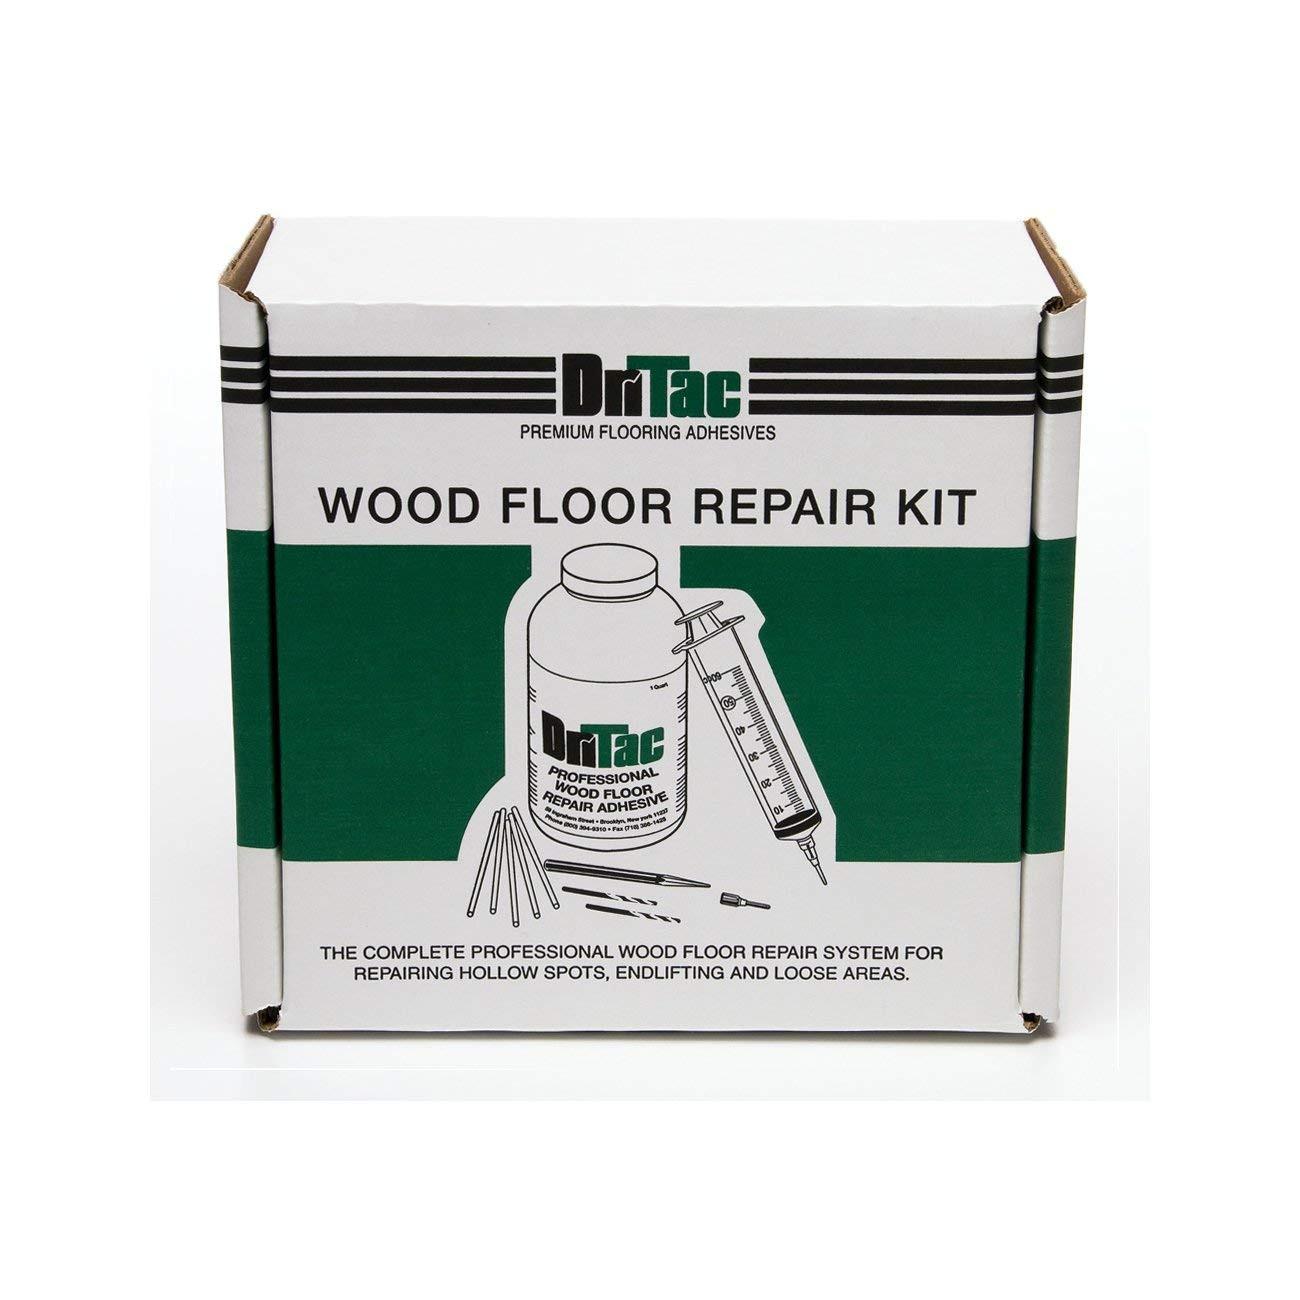 best hardwood floor filler of amazon com dritac wood floor repair kit engineered flooring only in amazon com dritac wood floor repair kit engineered flooring only 32oz home kitchen